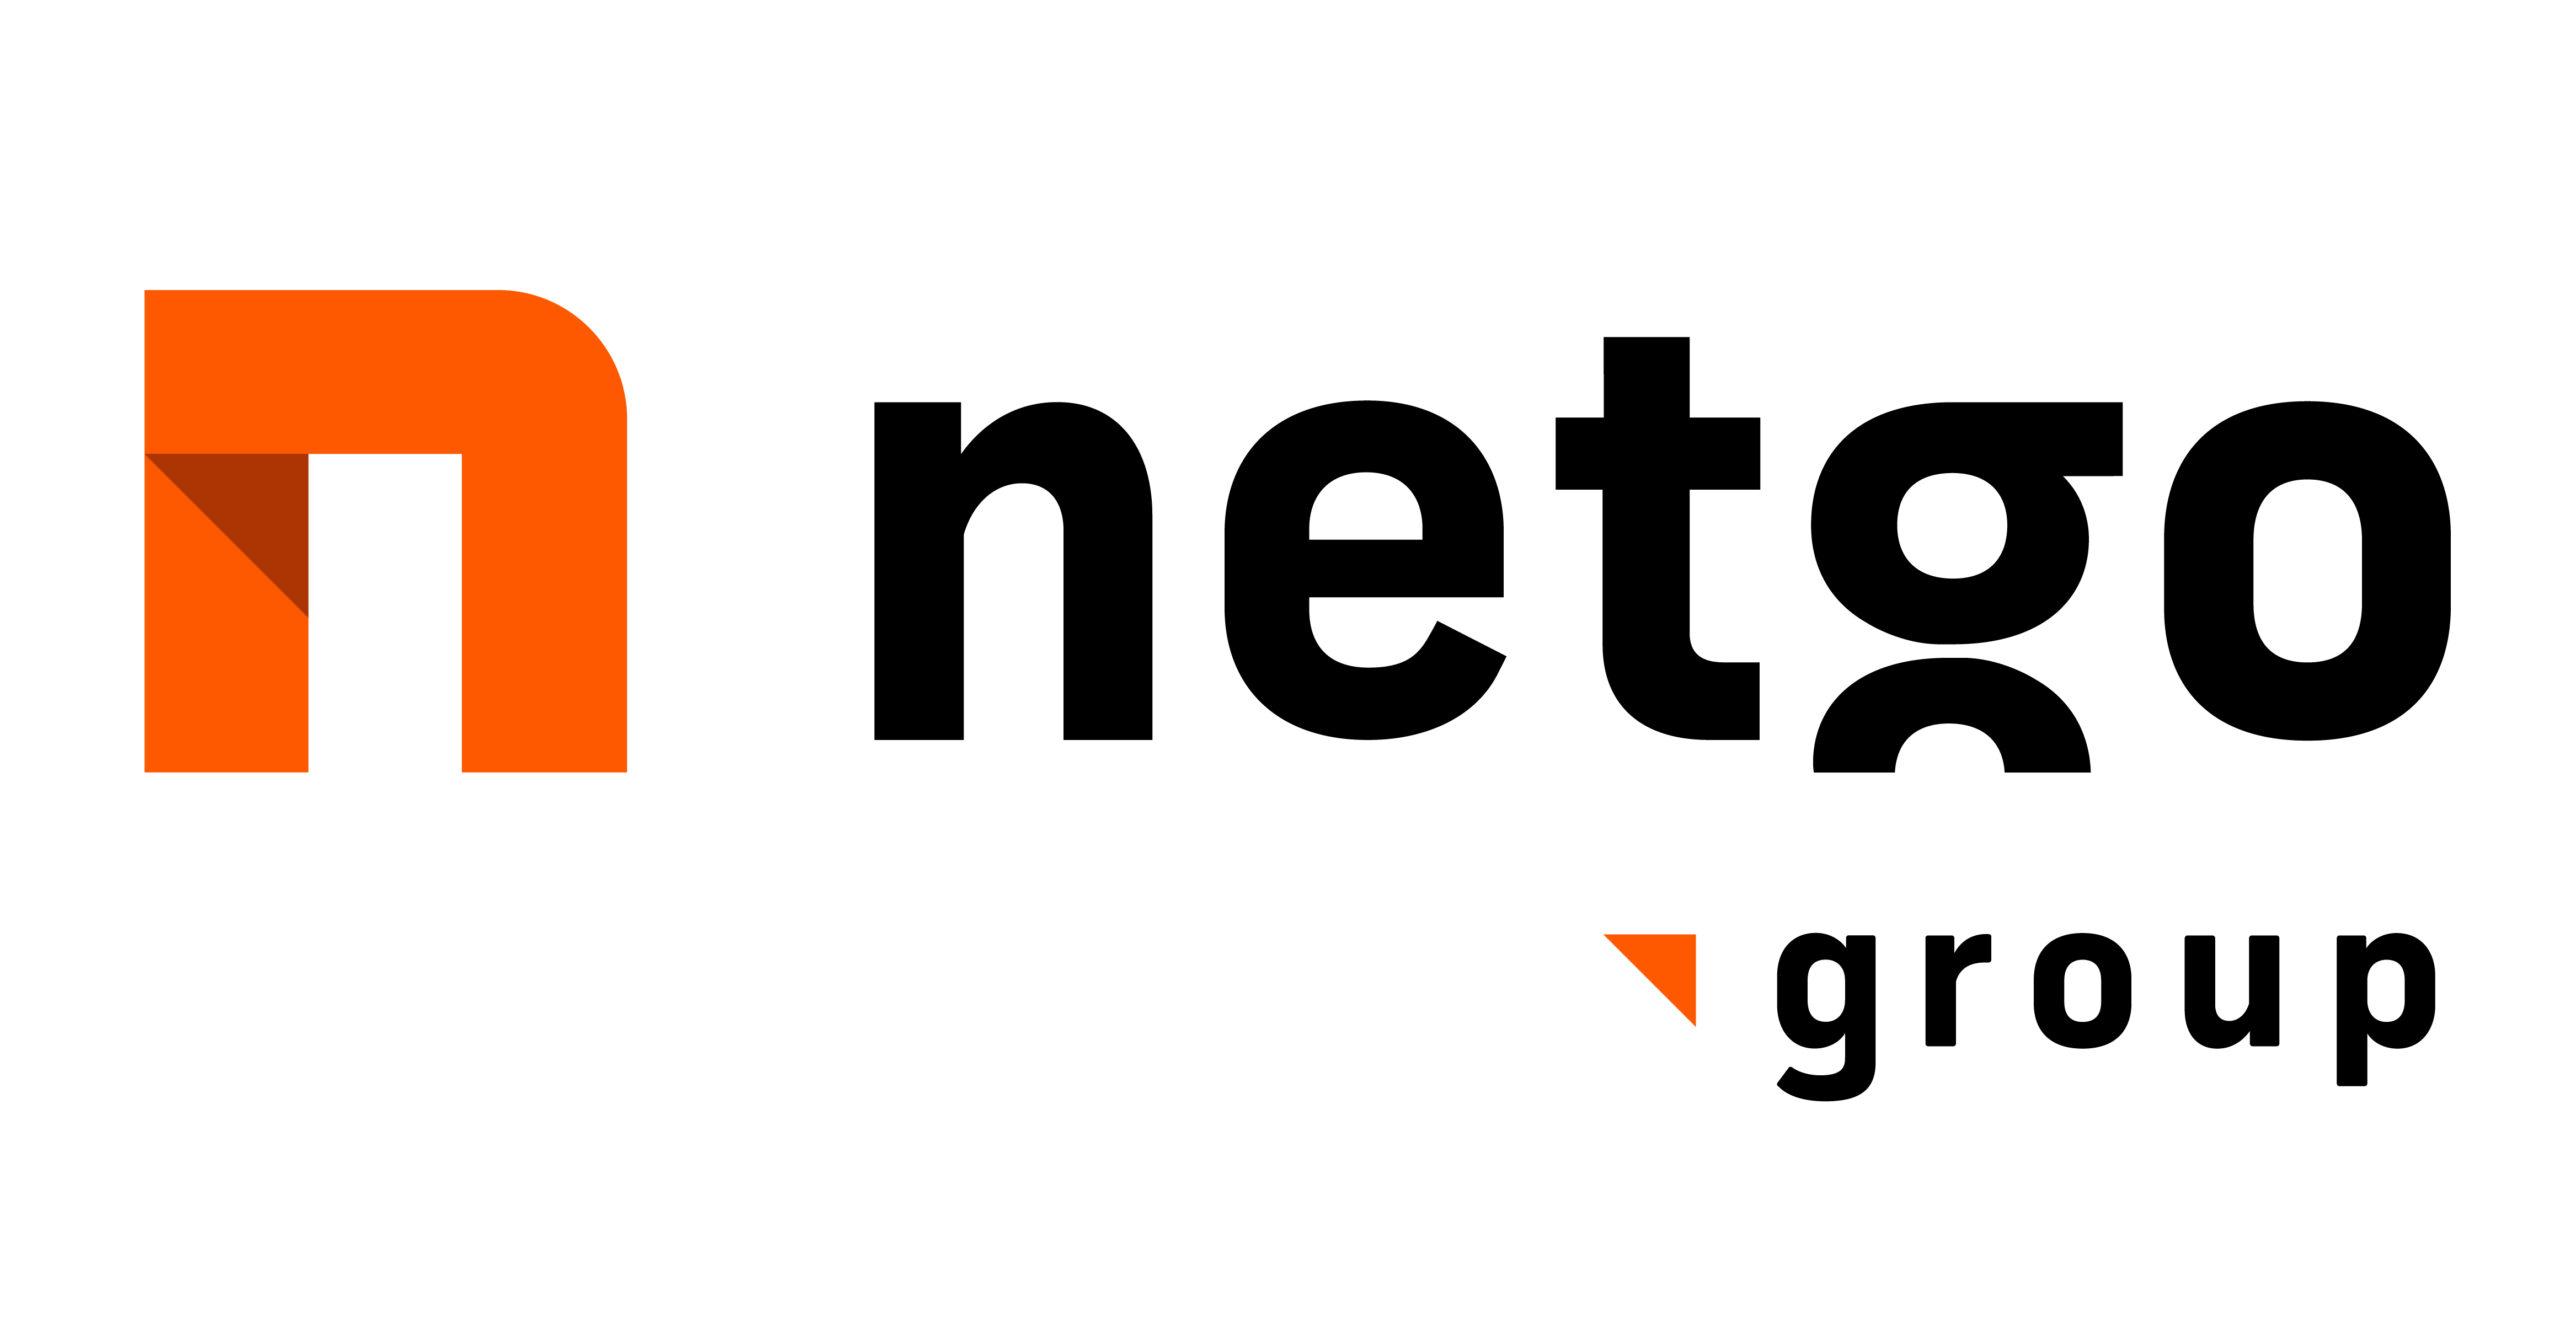 netgo group GmbH